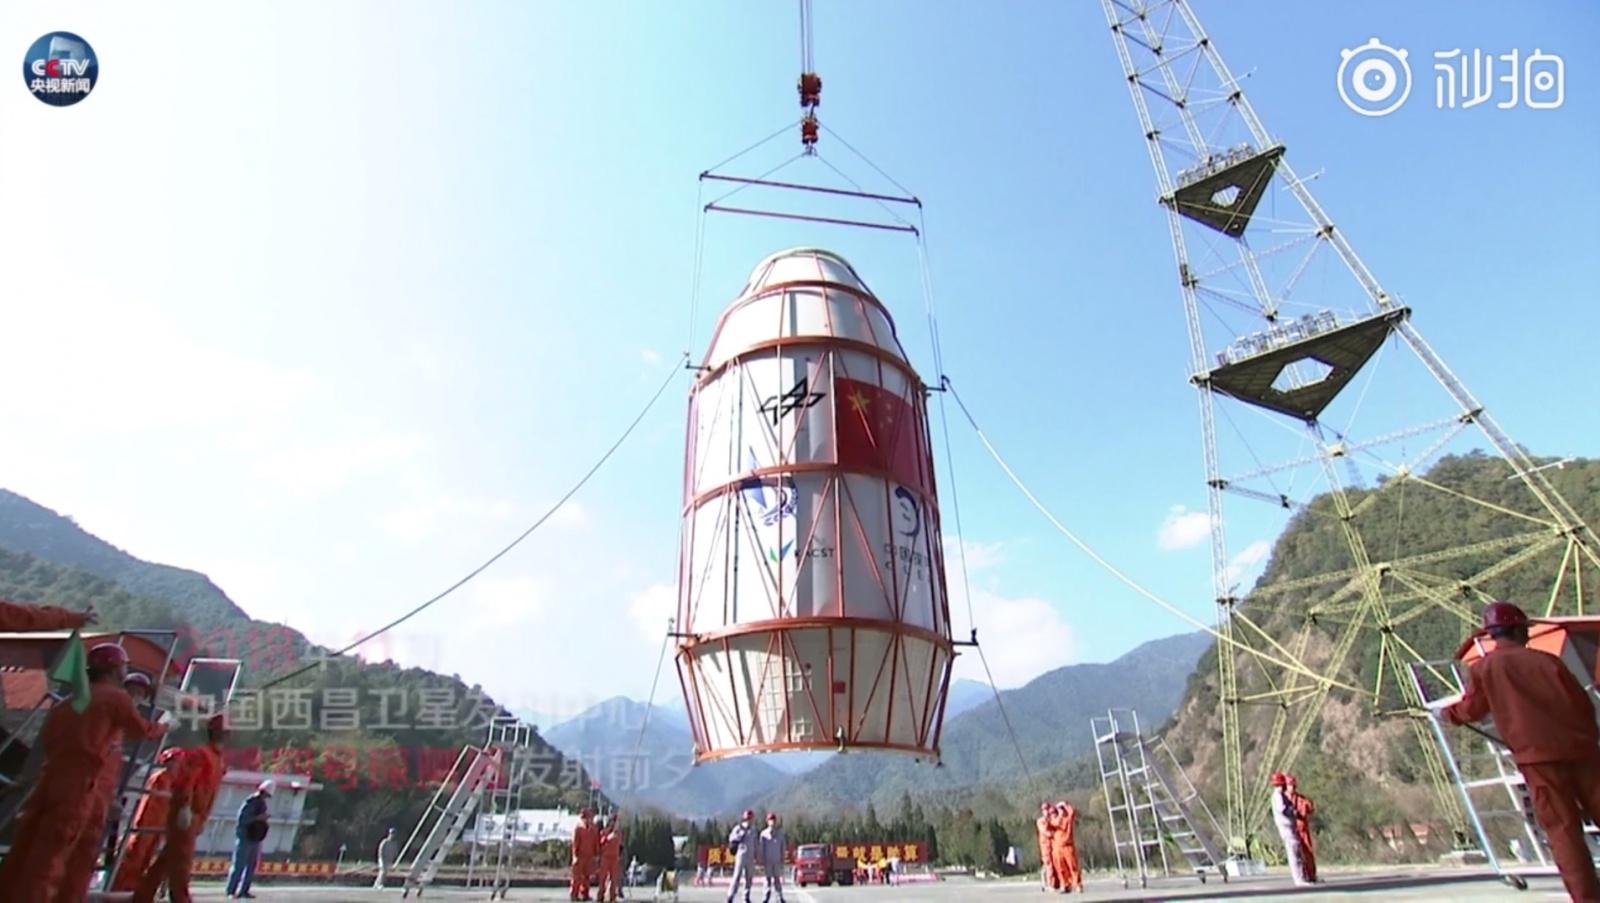 Суровая рабочая реальность — Китайский космодром Сичан (Xichang Satellite Launch Center — XSLC) - 97